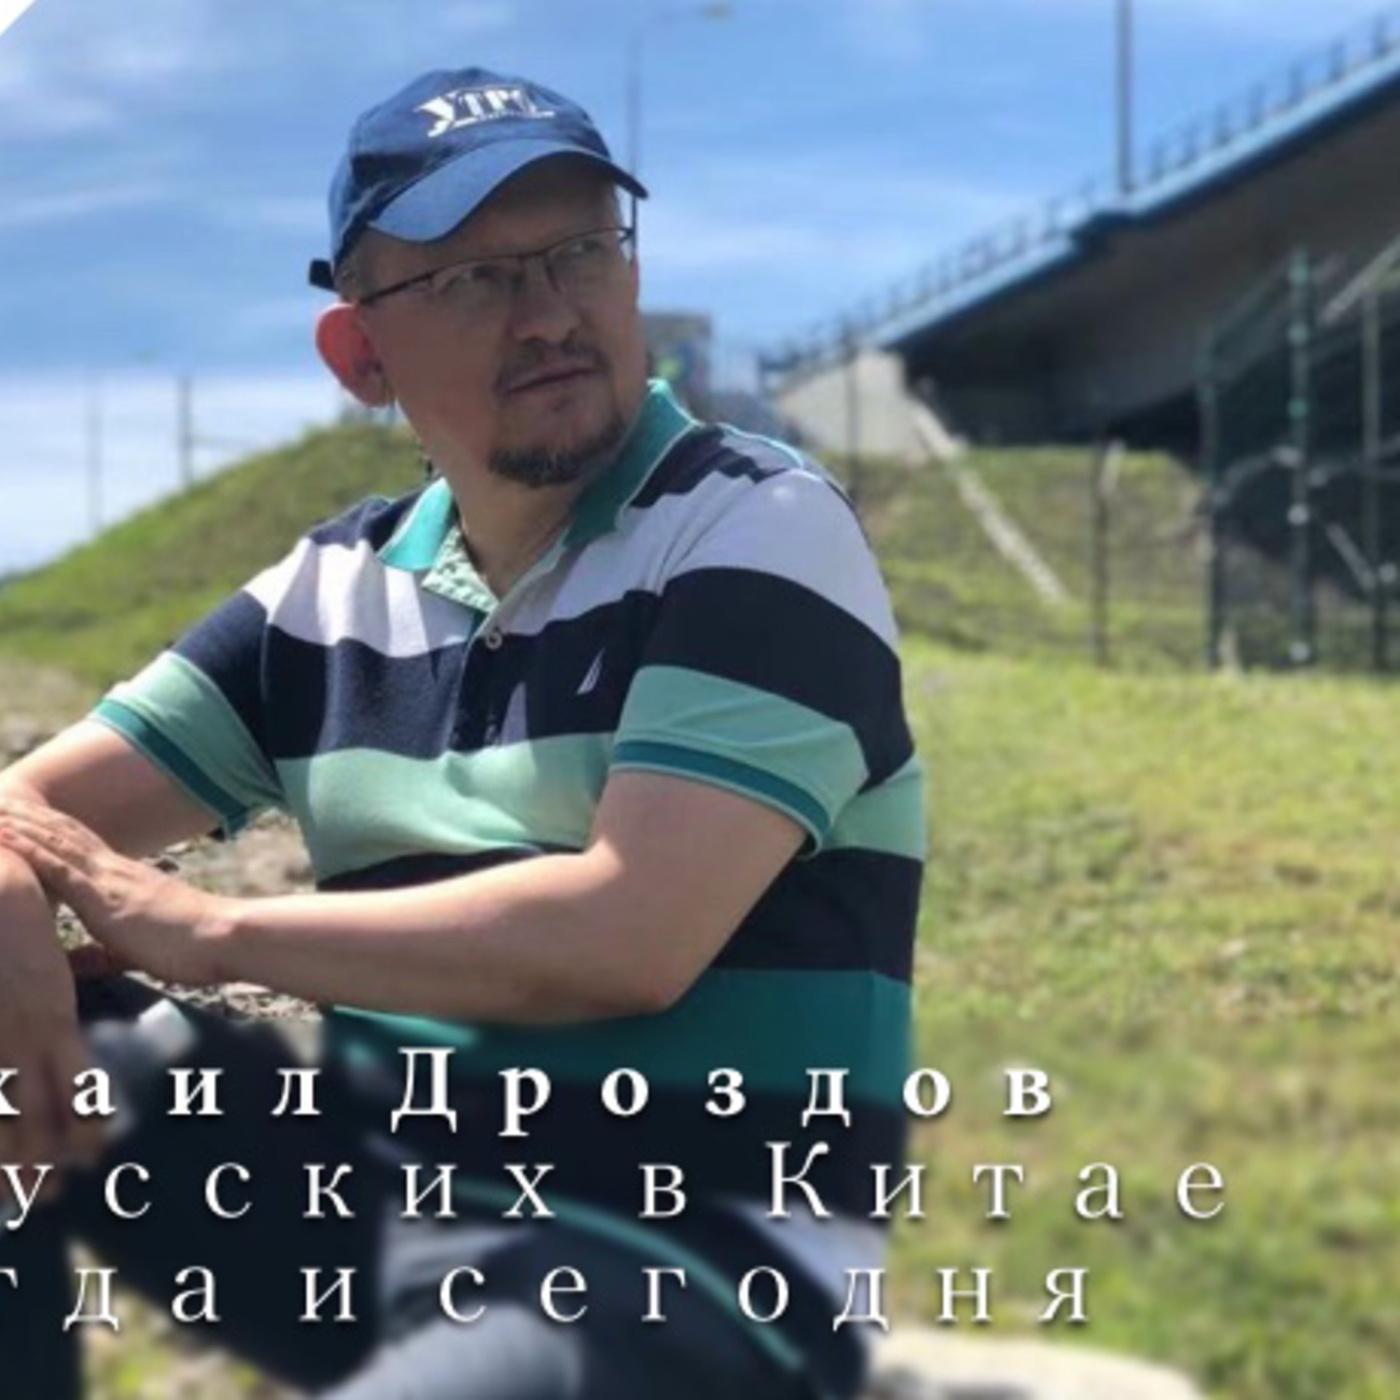 Михаил Дроздов о русских в Китае тогда и сегодня